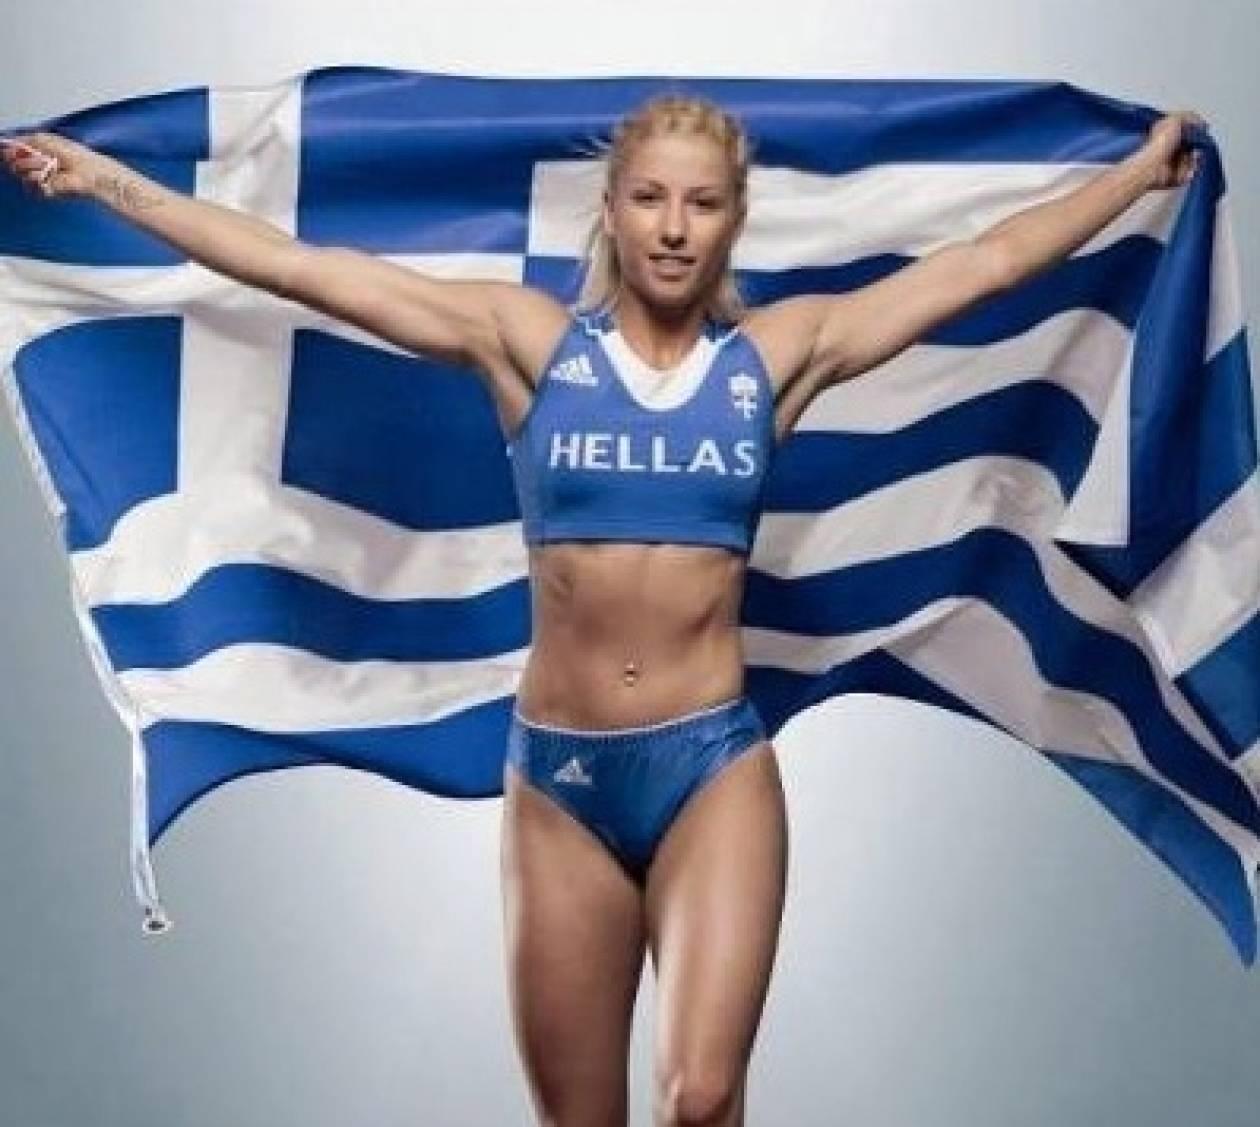 Βούλα Παπαχρήστου: Θα επιβλέπει καλοκαιρινά camp μόνο για… Έλληνες